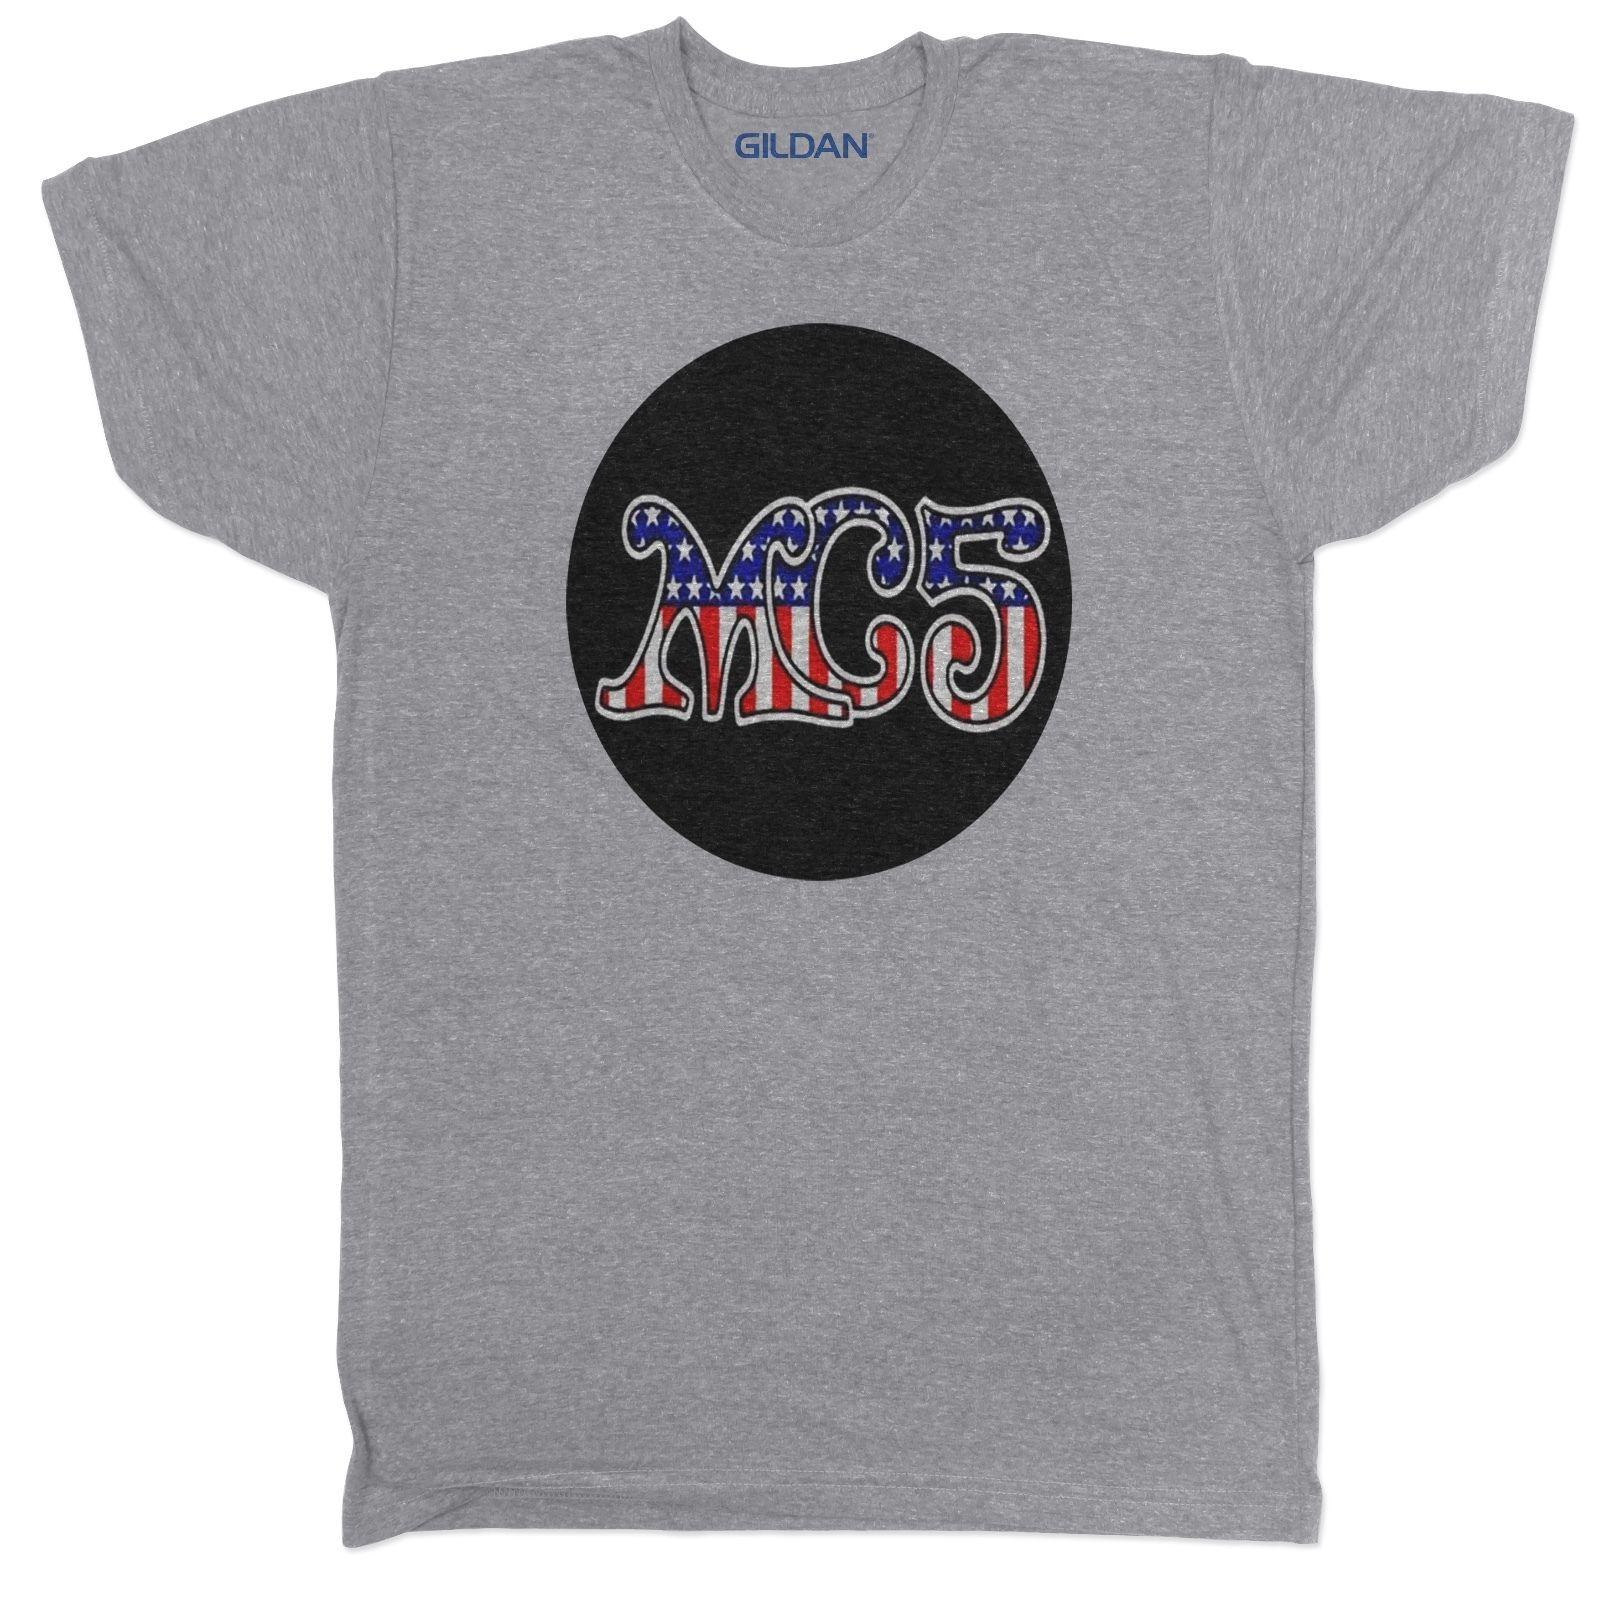 f97696858c Compre O MC5 Inspirado Banda Música Concert Rock Indie Mens Gang Tumblr  CINZA T Camisa 100% De Algodão De Manga Curta O Pescoço T Camisa Dos Homens T  Shirt ...